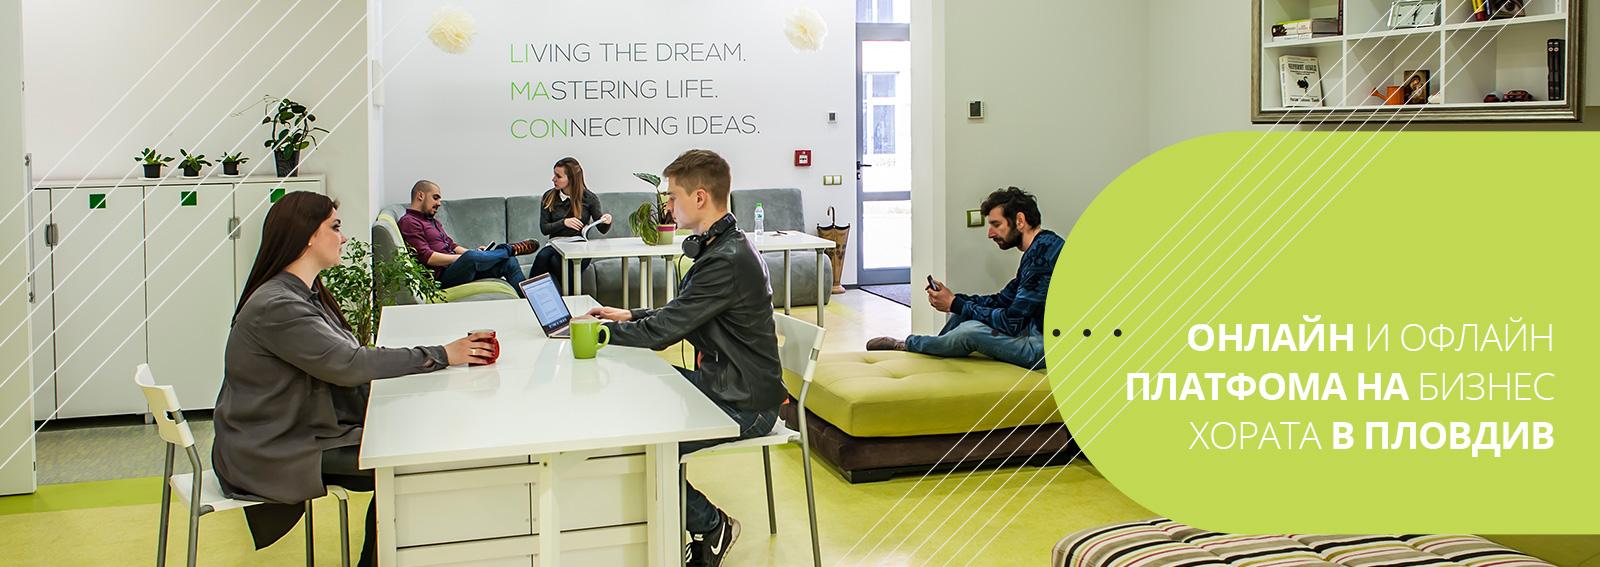 Limacon Event Center е водещата онлайн и офлайн платформа за бизнес хора, които искат да усъвършенстват своите професионални и меки умения.